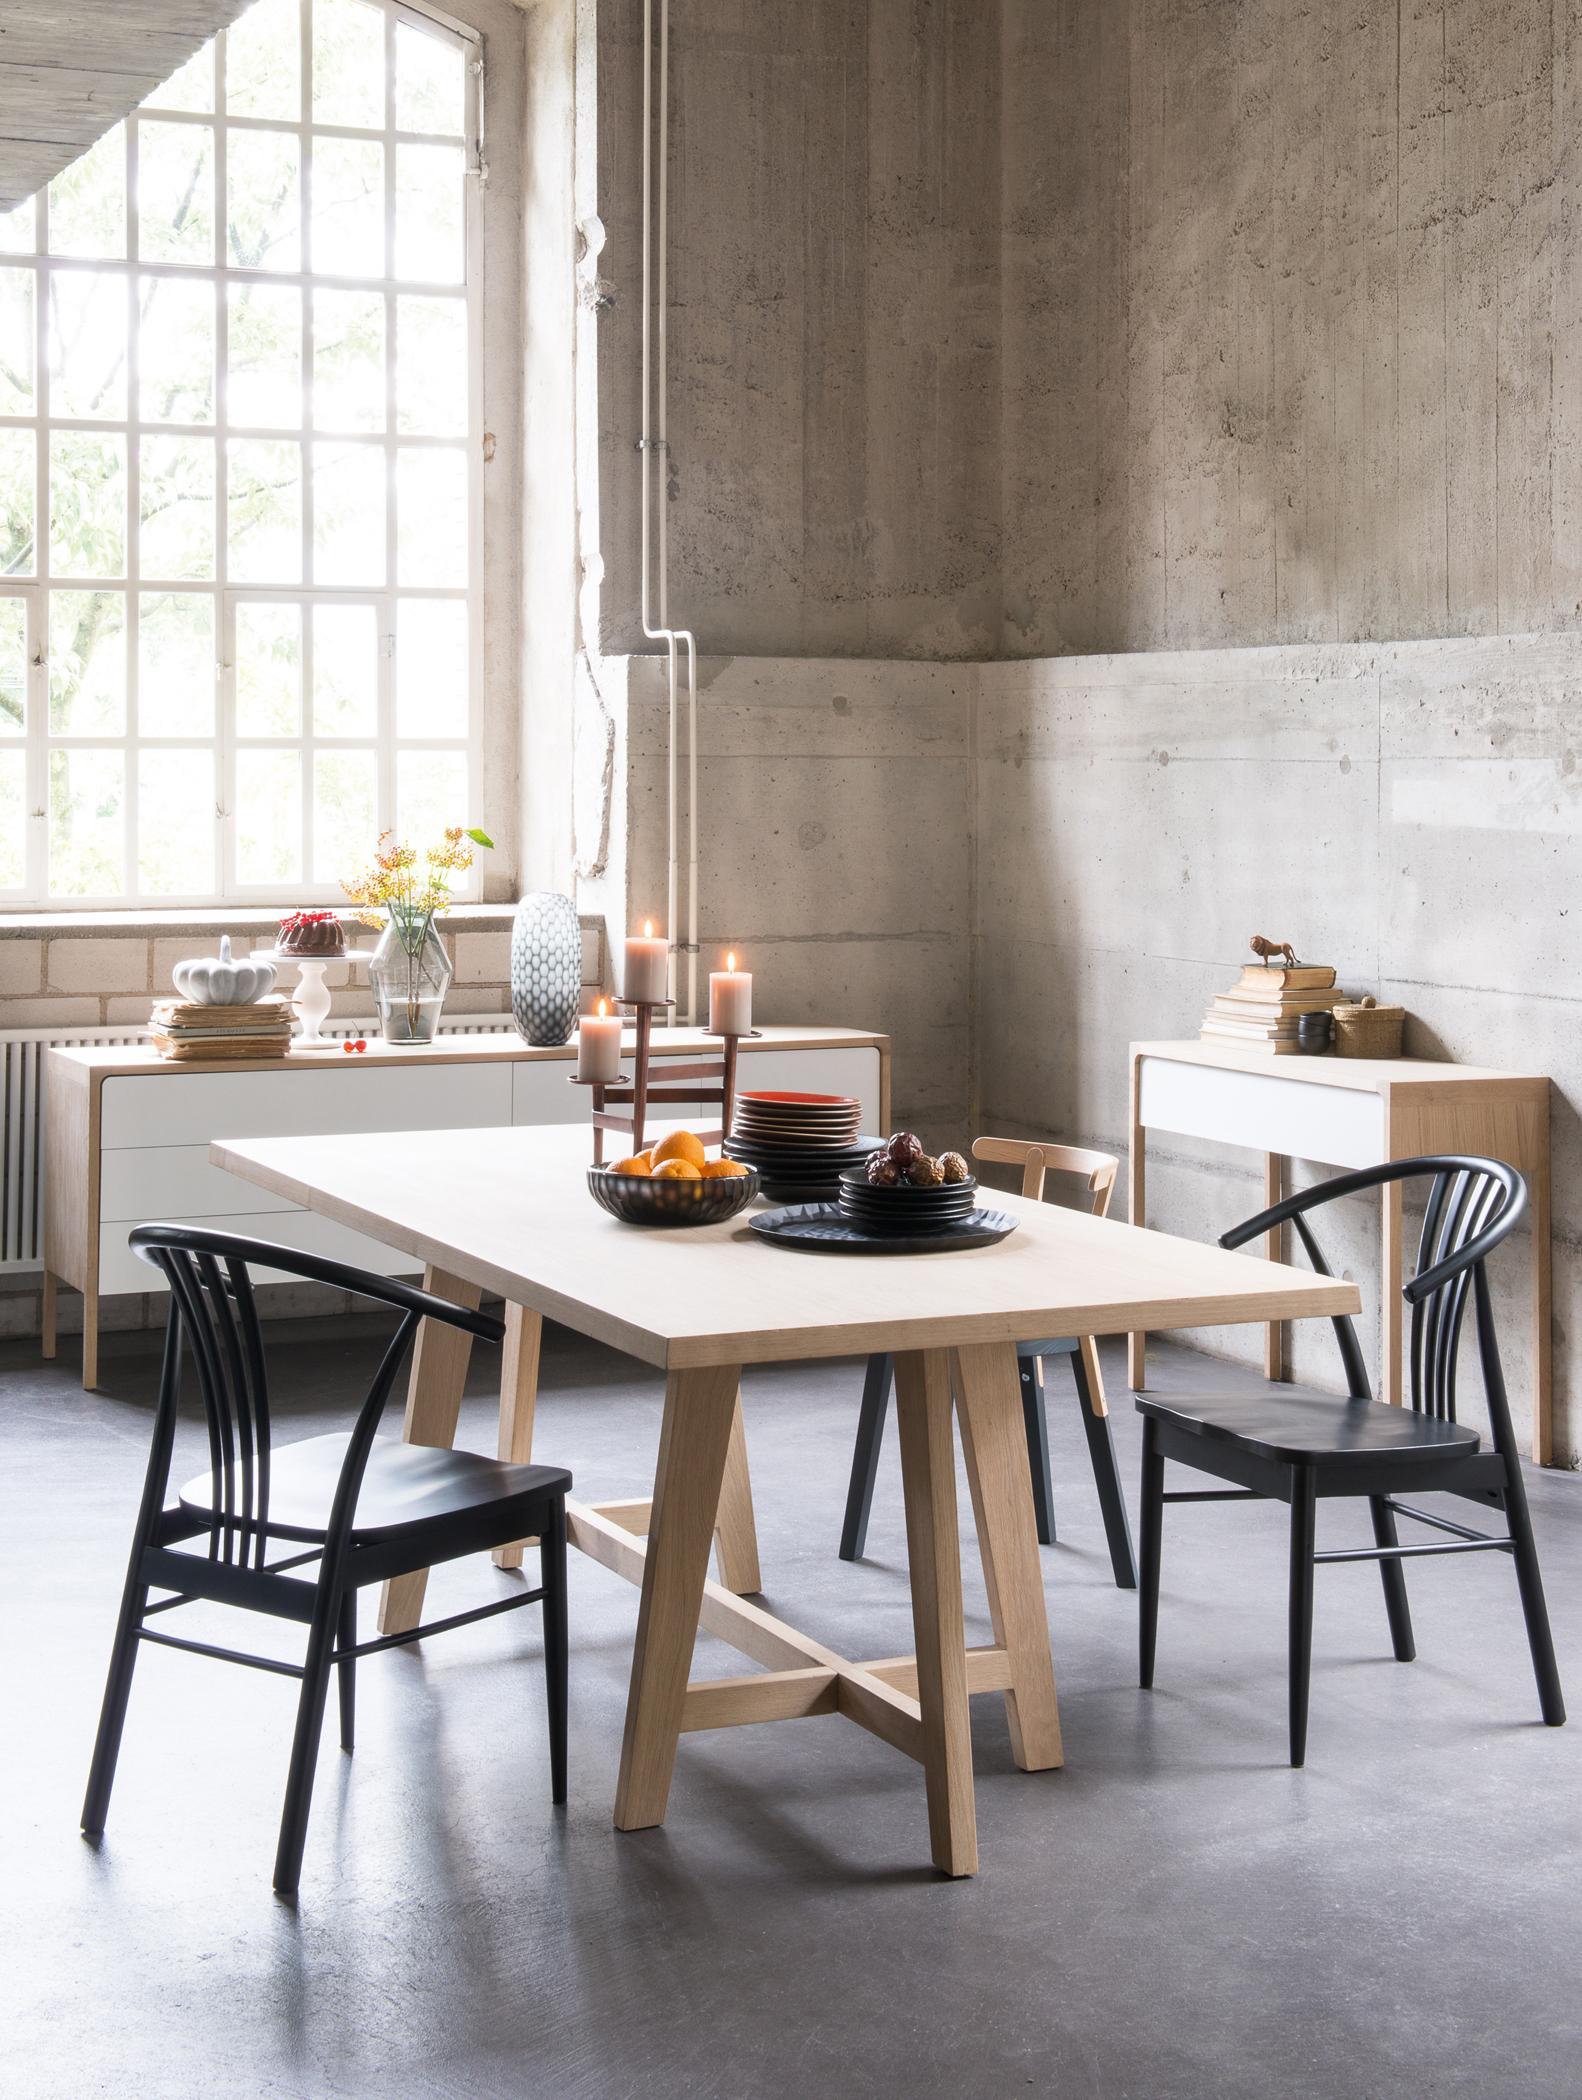 Esstisch Für Zwei #stuhl #esstisch #dekoidee #esszimmerdeko ©Pfister